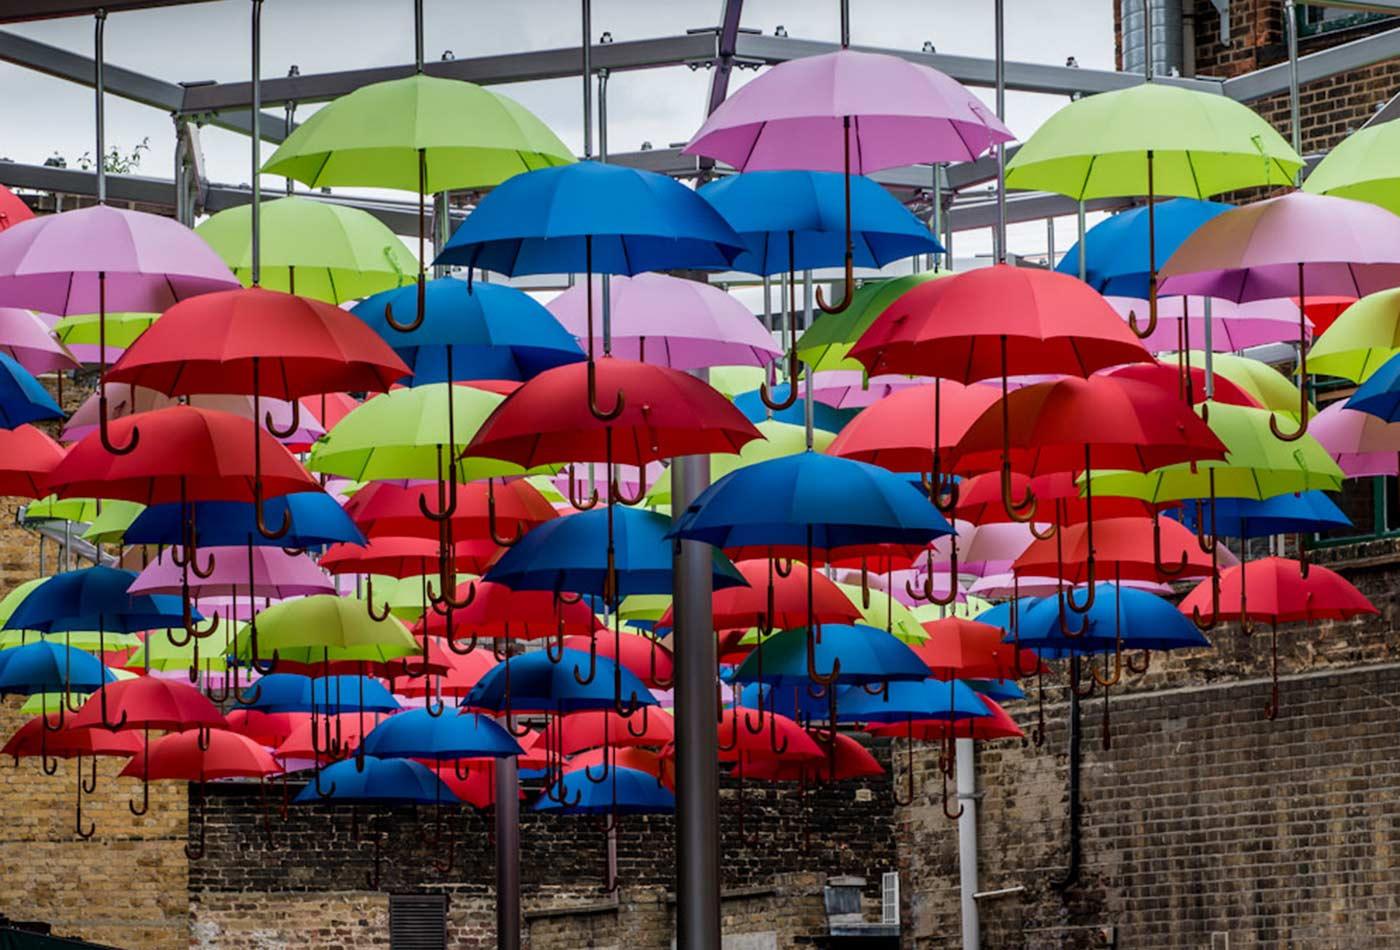 Its raining umbrellas again.